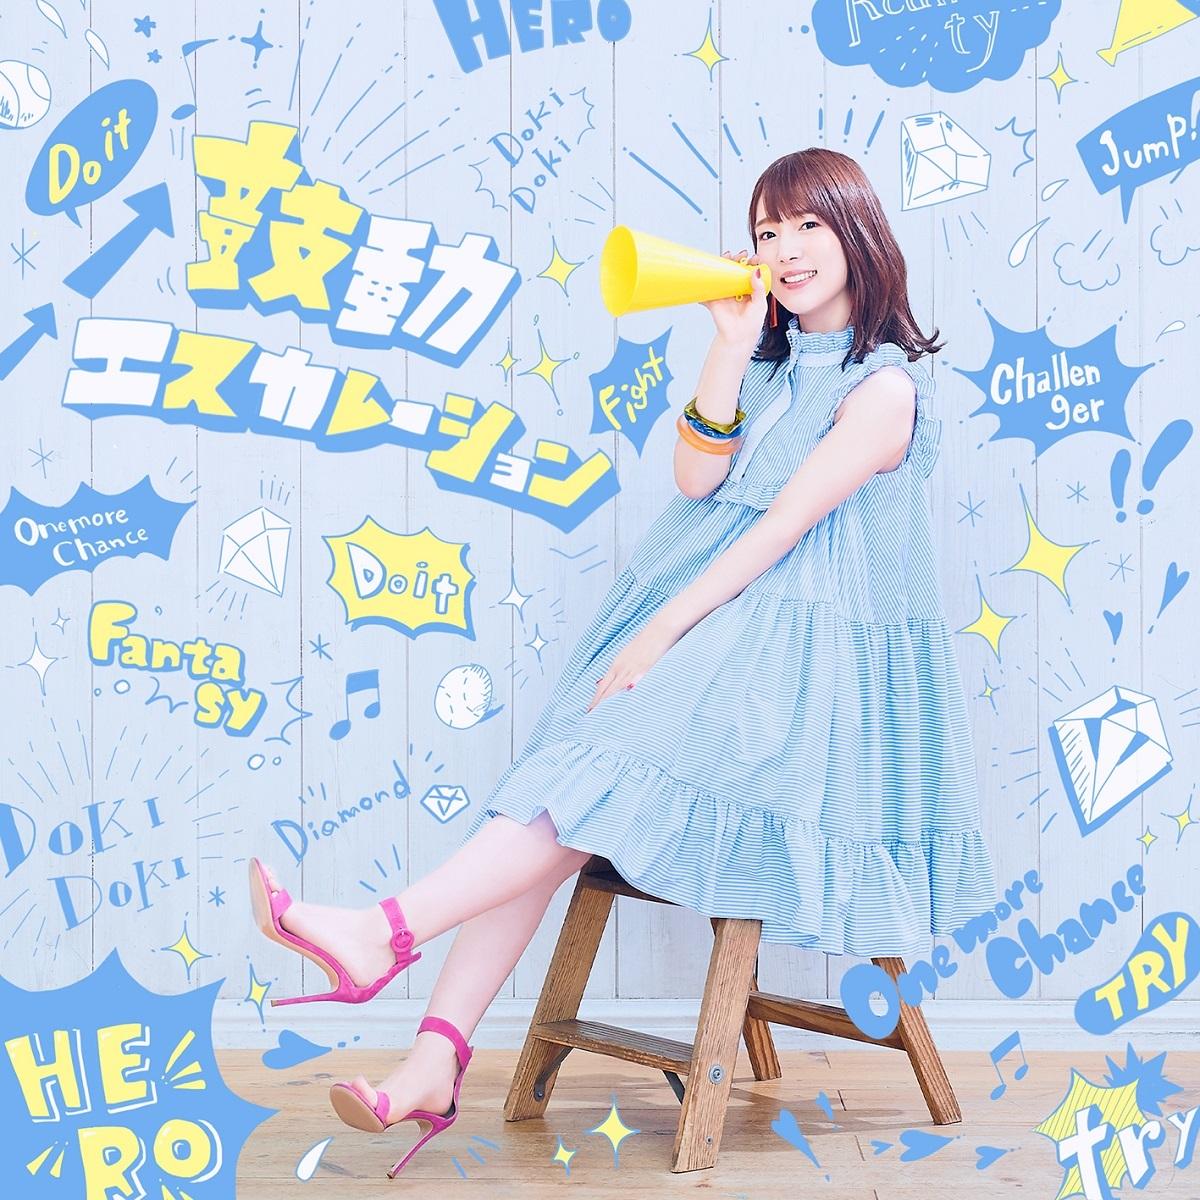 内田真礼の9thシングル「鼓動エスカレーション」初回限定盤ジャケット